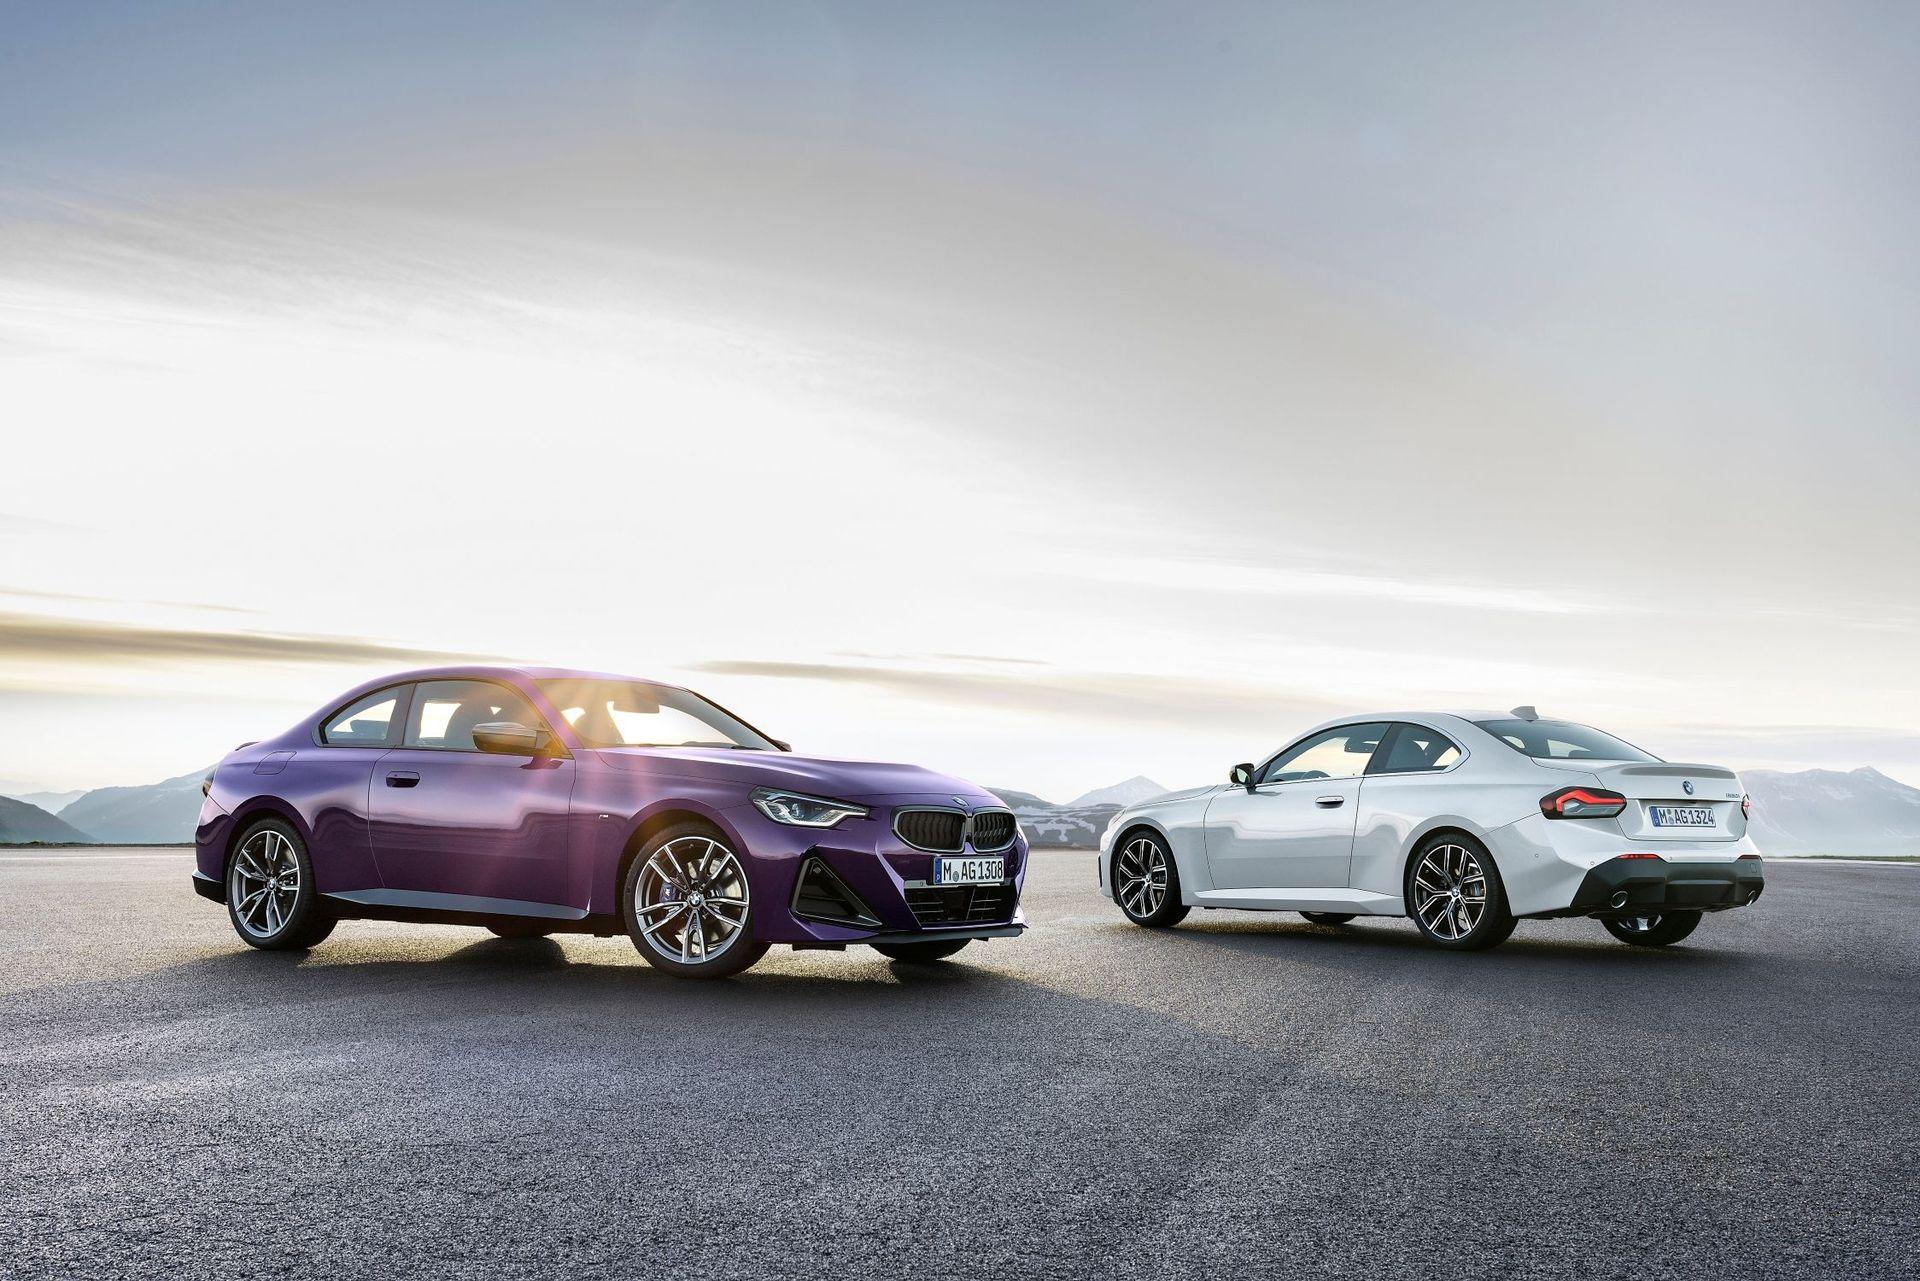 Det här är helt nya BMW 2-serie coupe